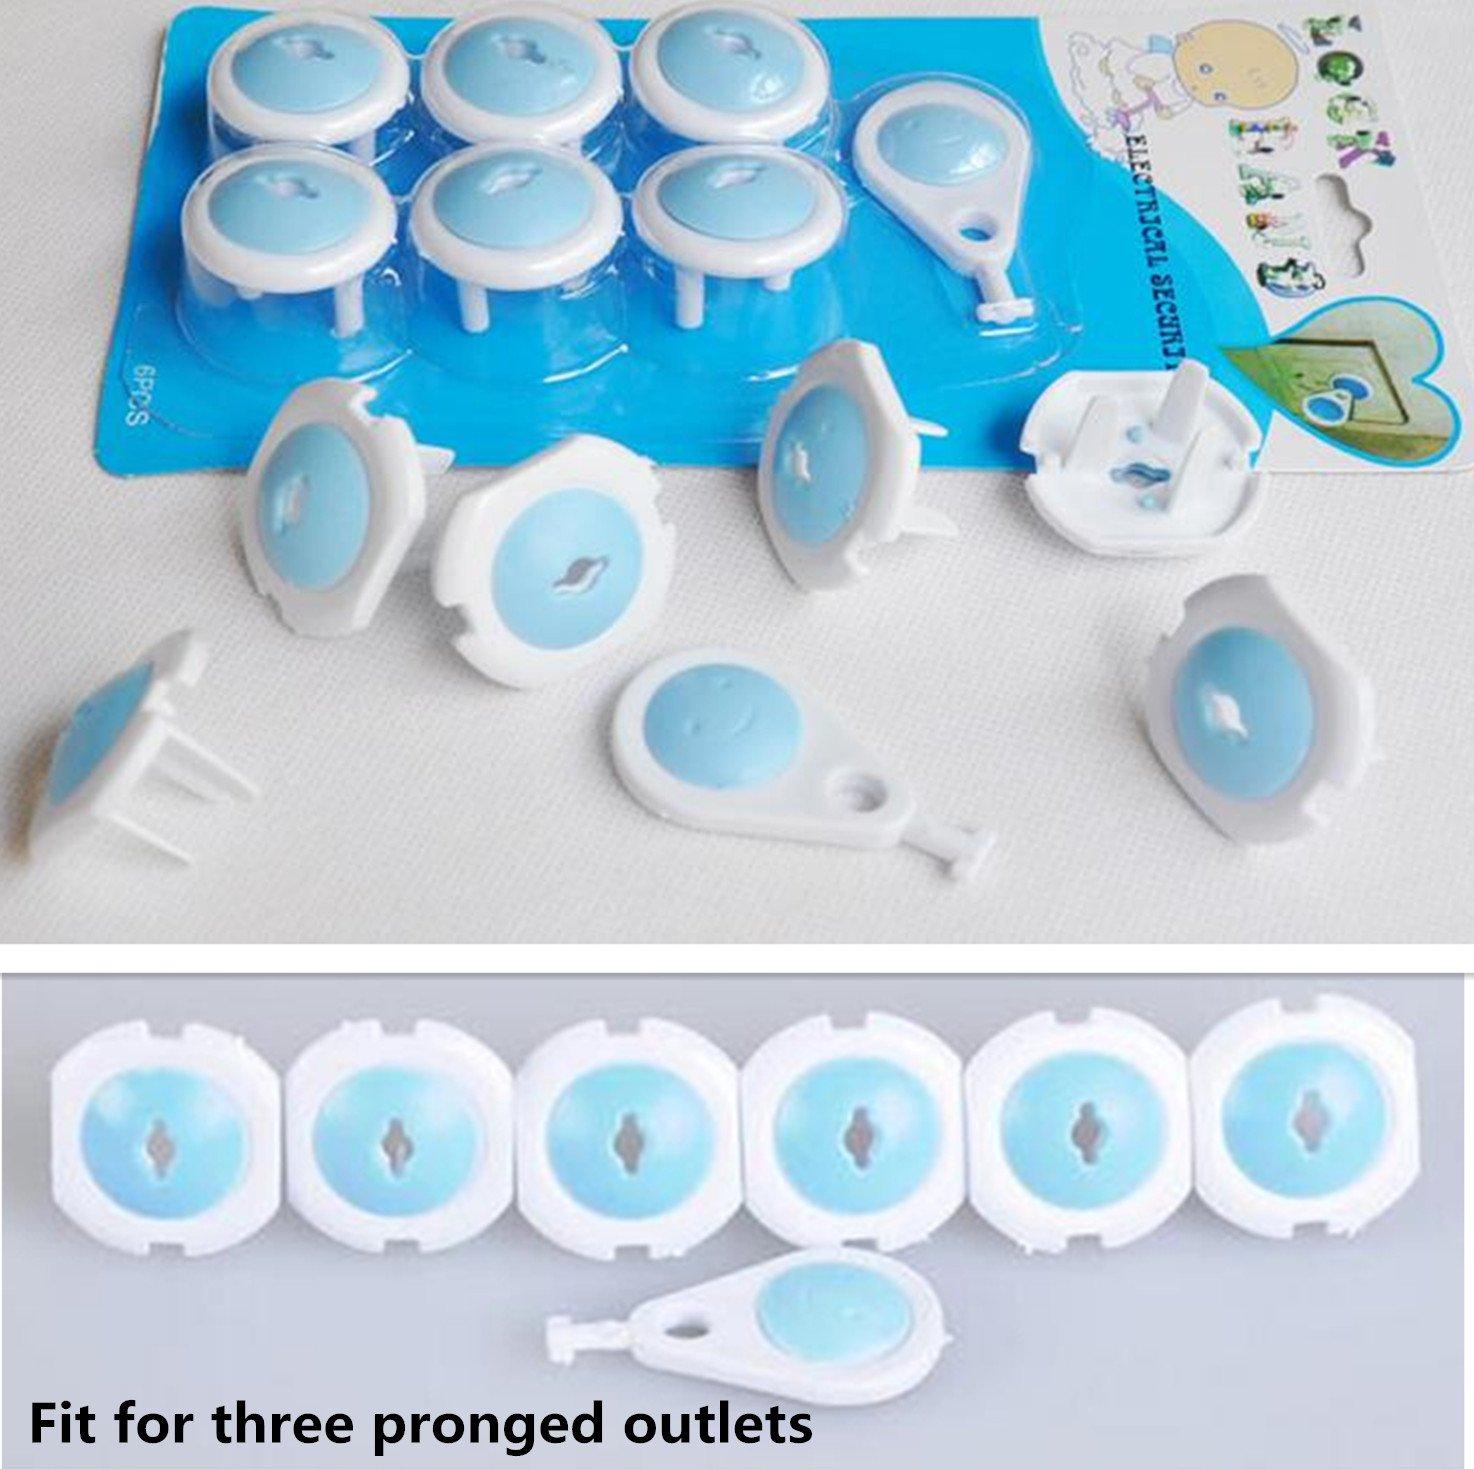 Amazon.com: Outlet cubre, a prueba de bebés ReachTop Kit de ...